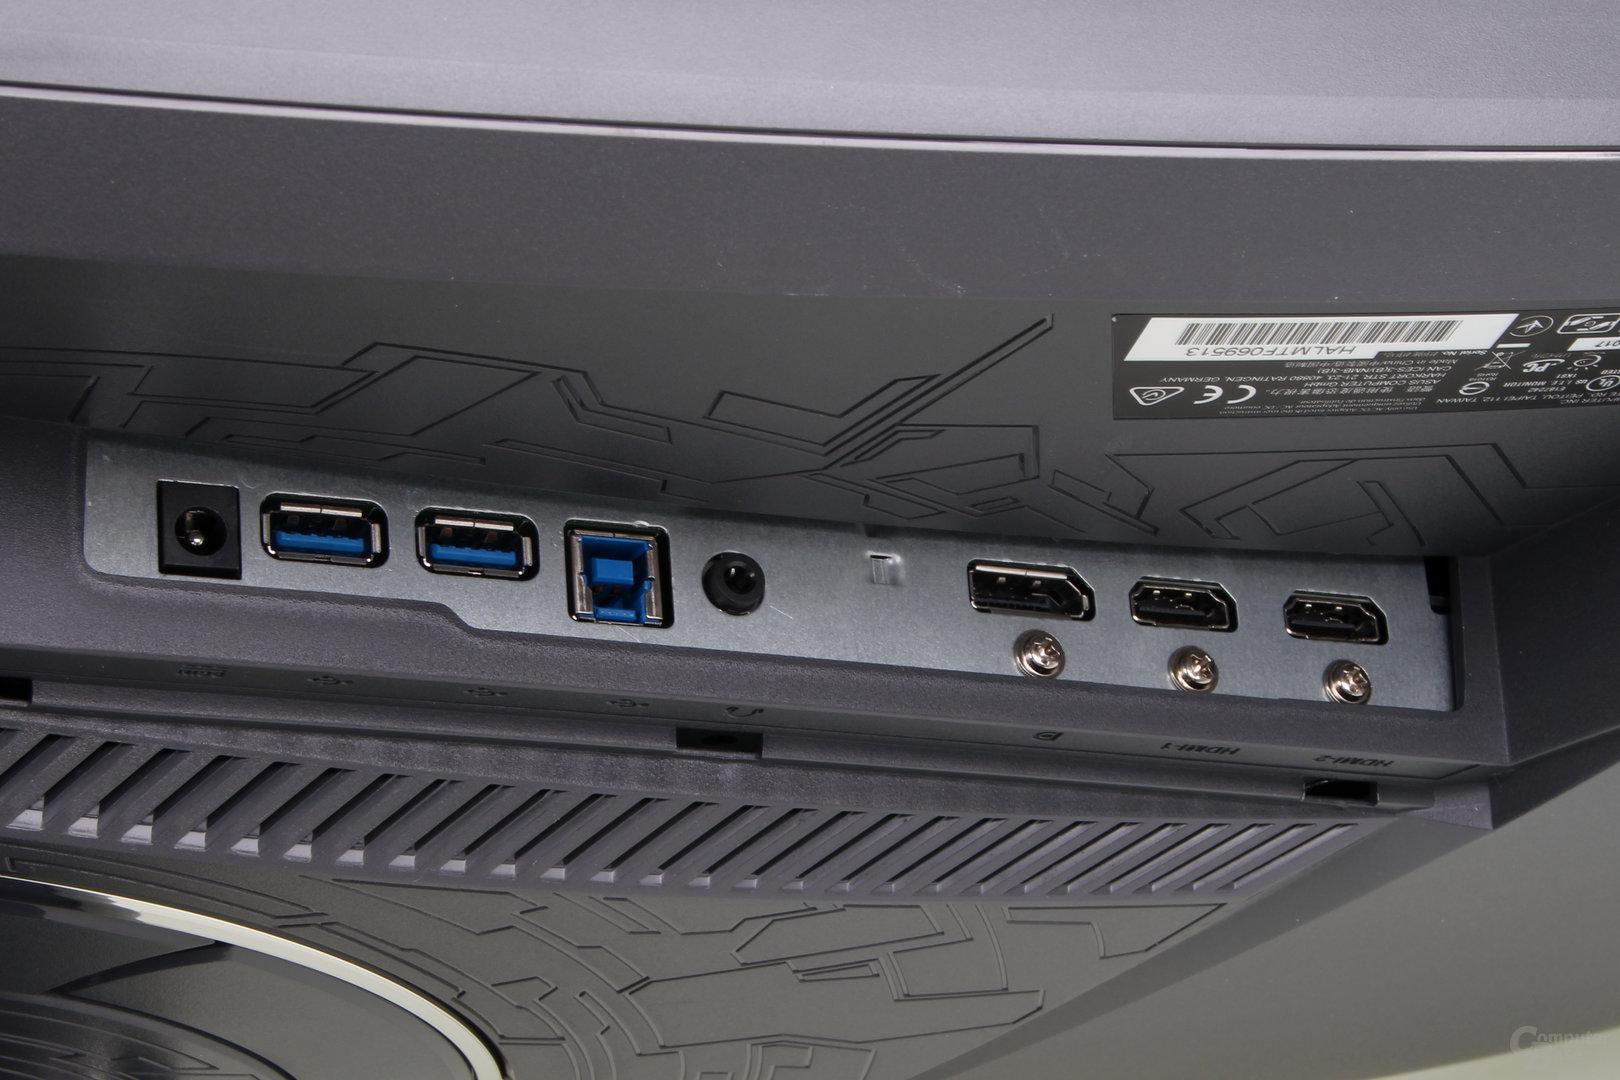 Asus ROG Strix XG35VQ – Von unten zugängliche Anschlüsse